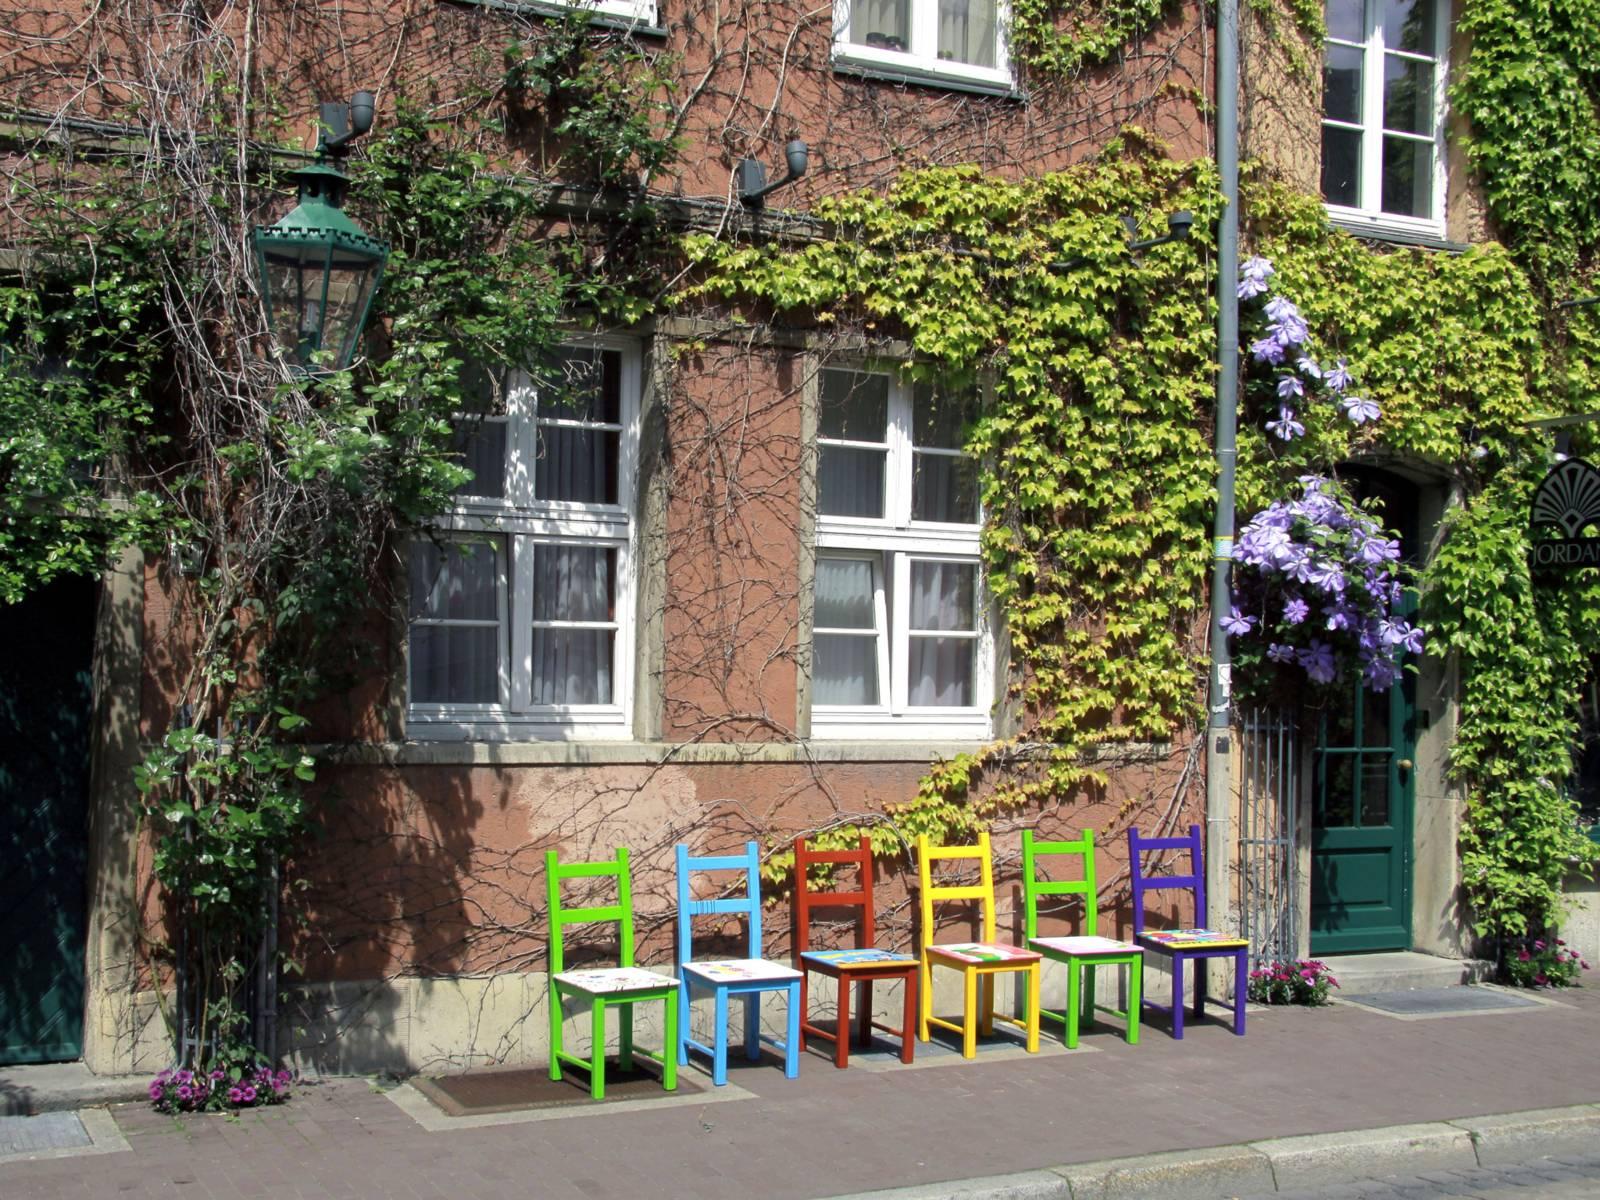 Bunte Stühle auf einer Straße.